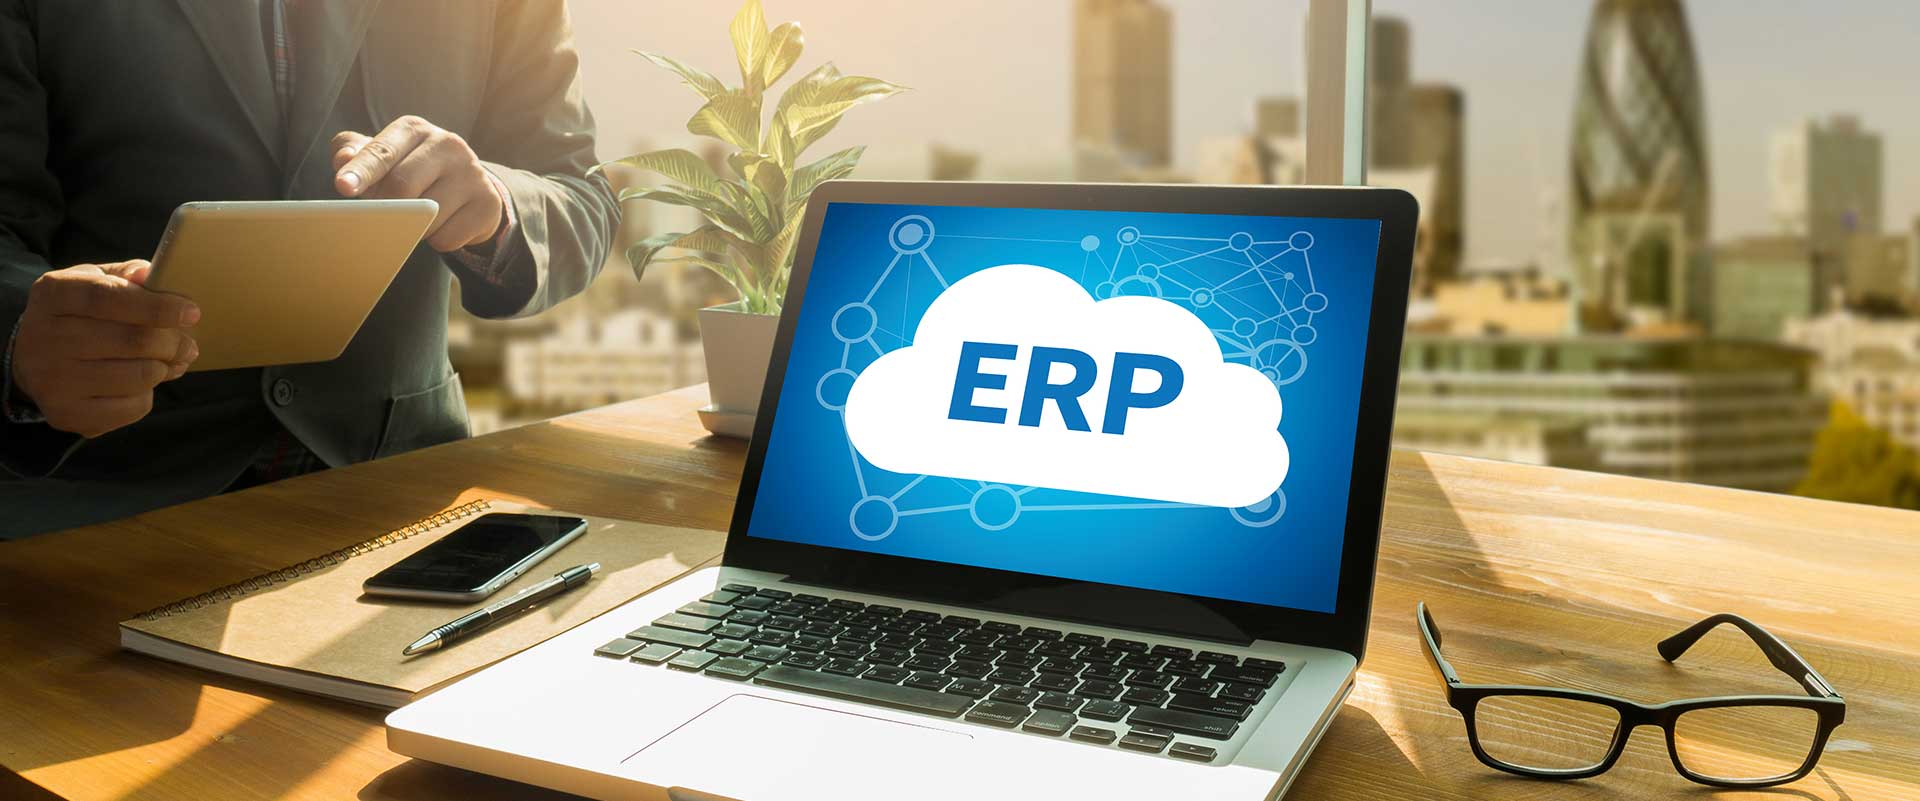 ERP - Kurumsal Kaynak Planlama